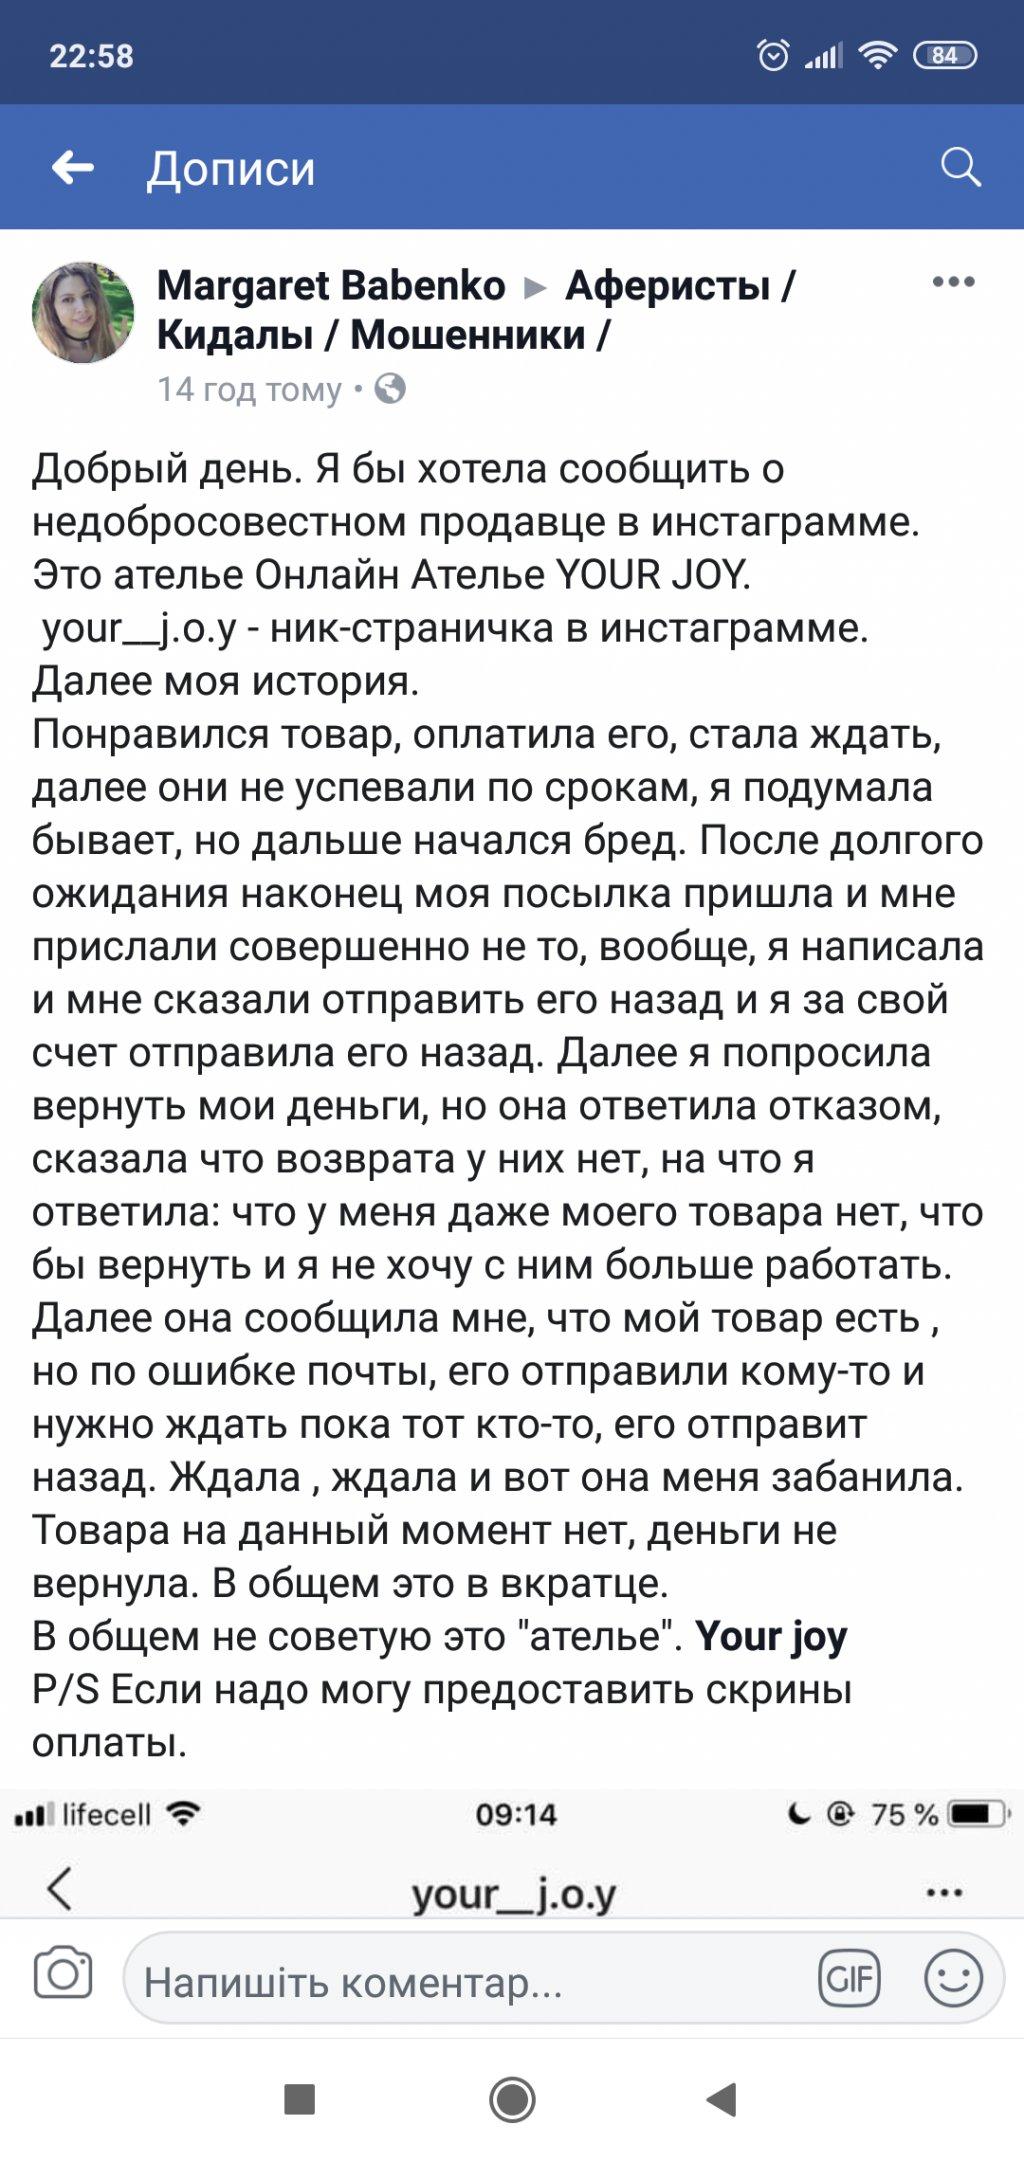 Your joy - Продовжують дурити людей!